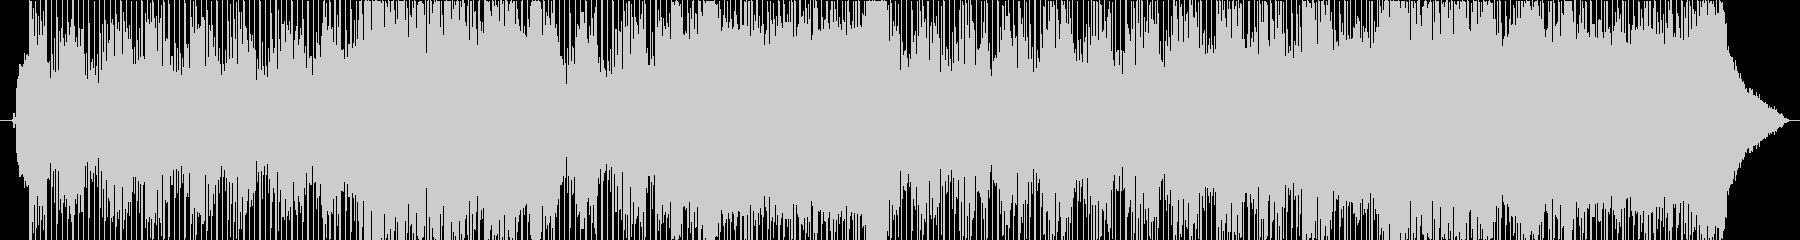 その声の中をの未再生の波形